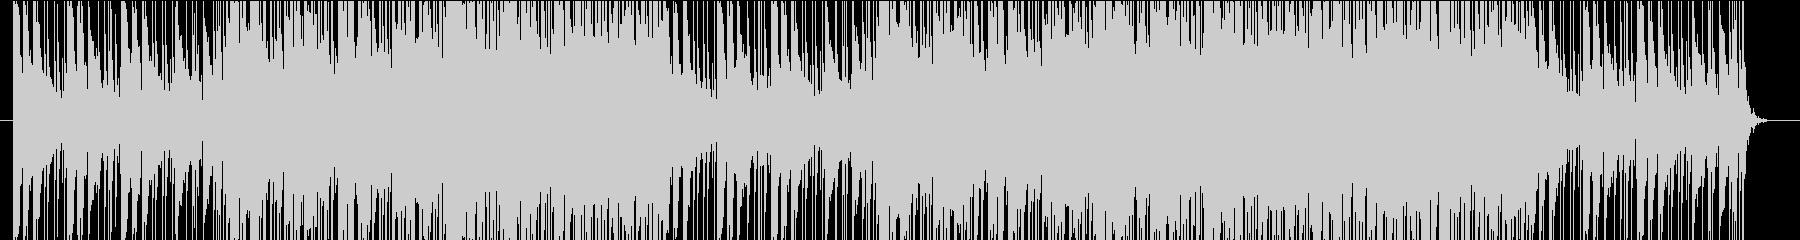 サマーコーポレートの未再生の波形